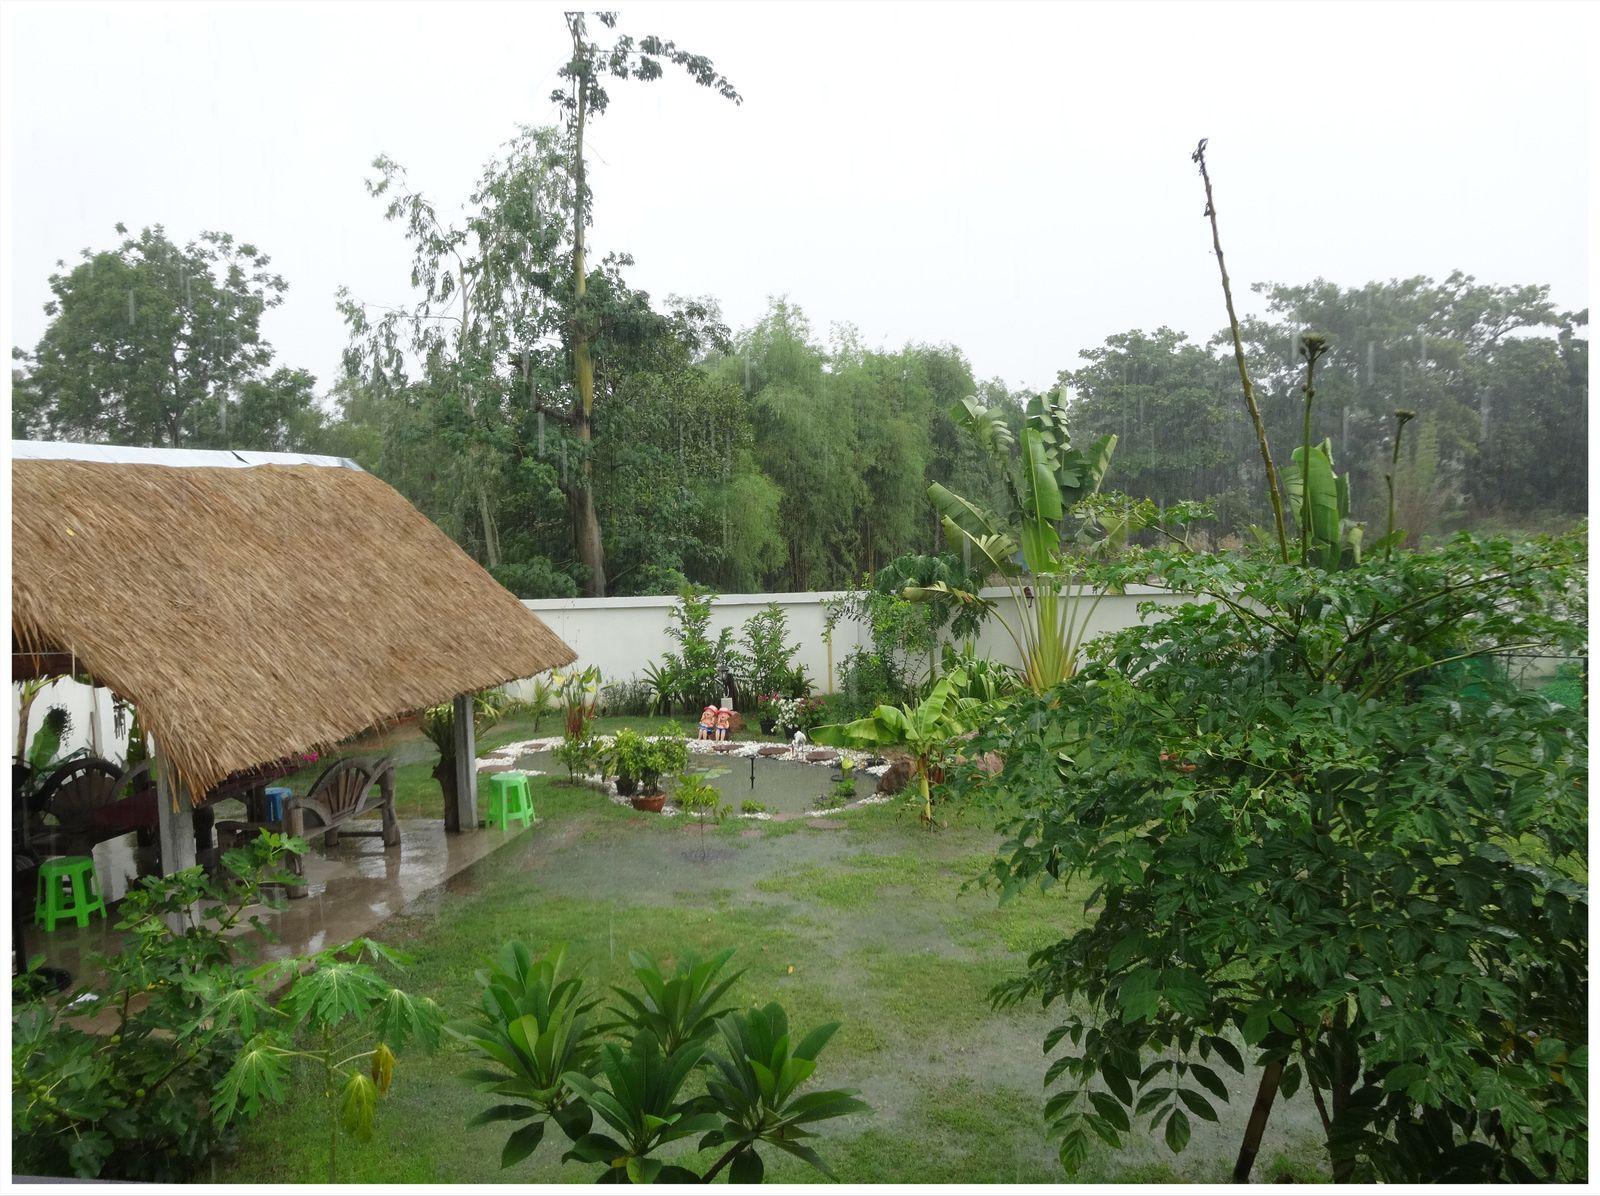 Le terrain derrière la maison totalement inondé, on ne voit pas le trou et la terre qui s'est échappée il me faudra 15 brouettes de terre pour boucher ce trou béant situé à l'angle de notre terrain....